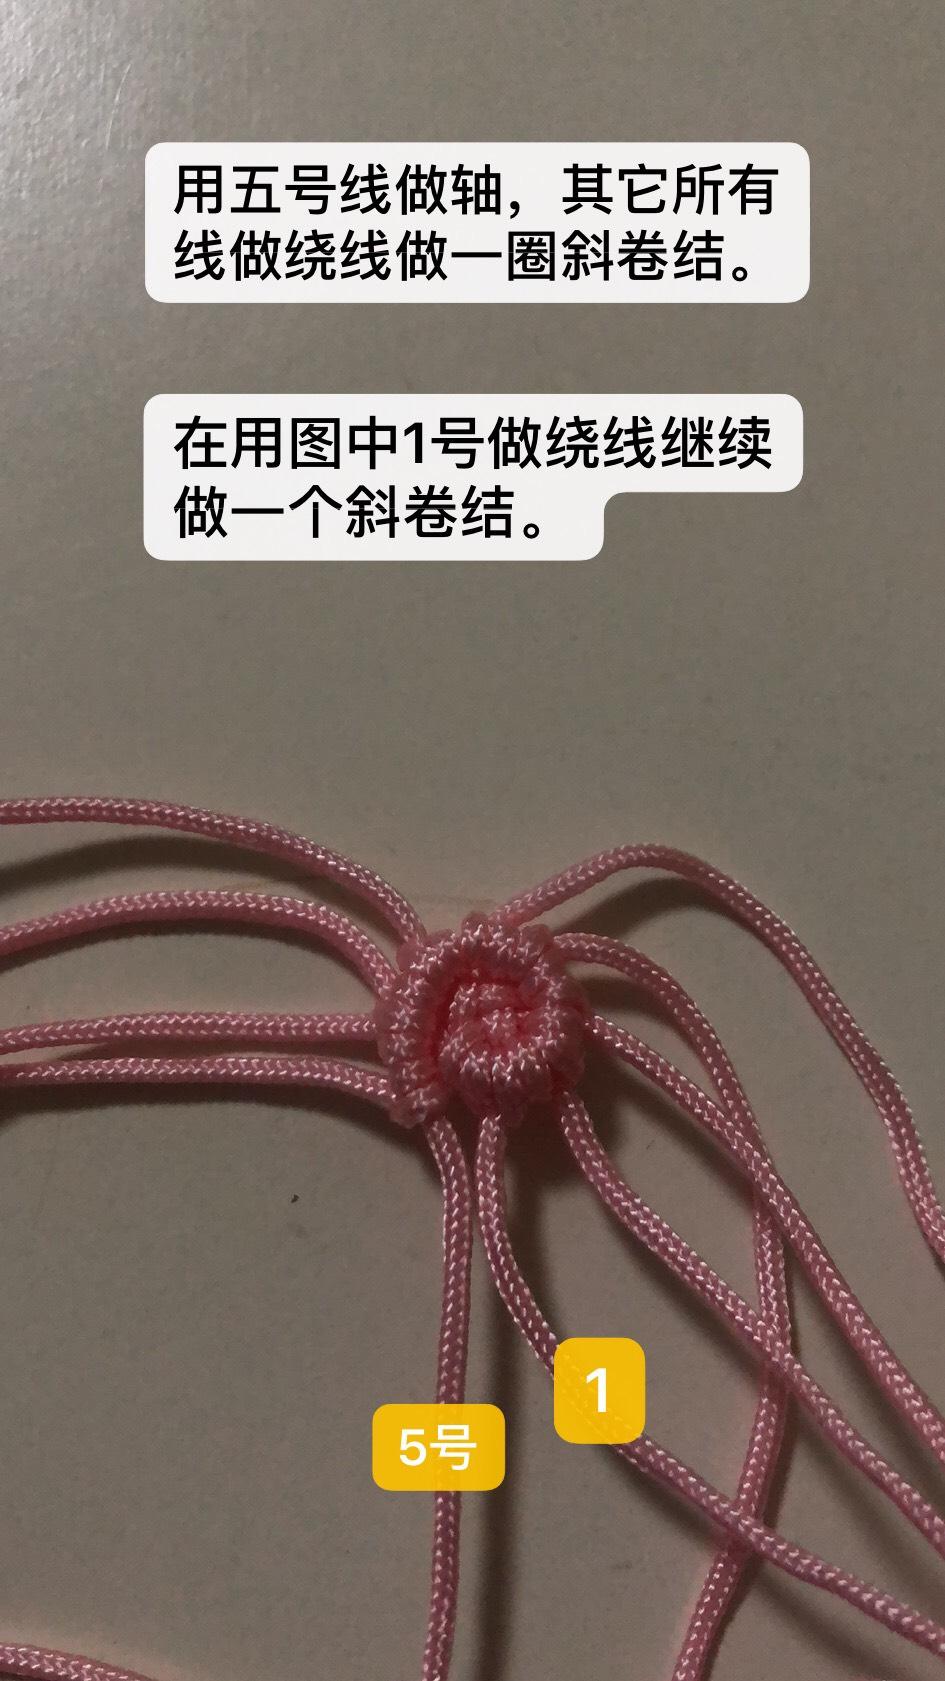 中国结论坛 玫瑰花挂件 玫瑰花怎么处理不浪费,玫瑰花翡翠吊坠图片,玫瑰花吊坠项链图片,吊坠中间的玫瑰花,钩玫瑰花的教程 图文教程区 014301g8xzn6eyd94in6i9